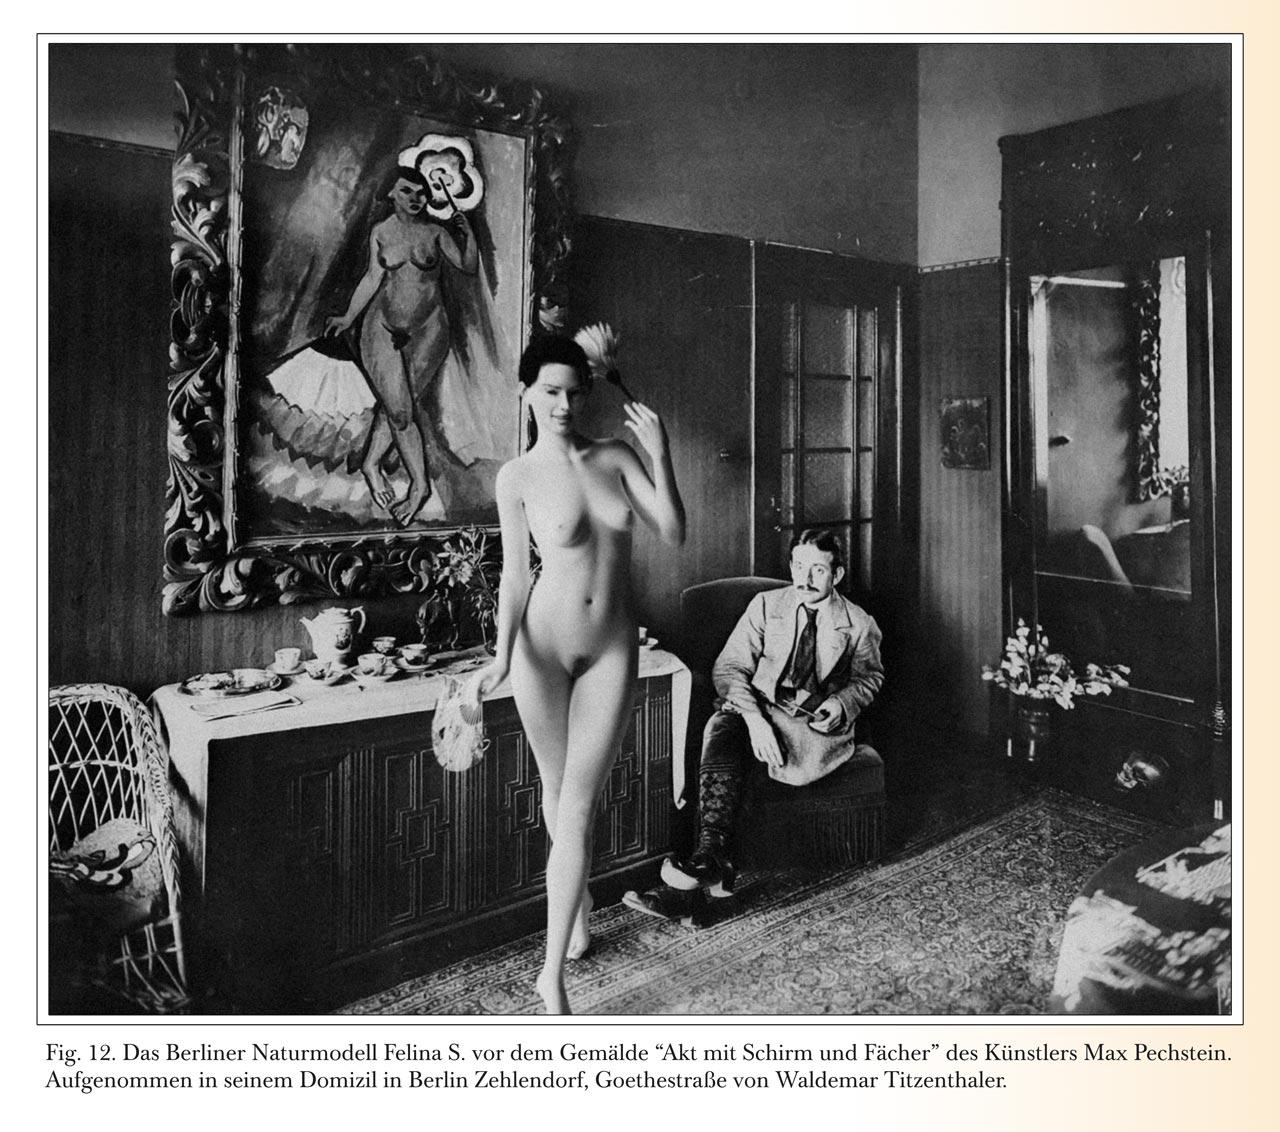 """Felina Schroedinger vor dem Gemälde """"Akt mit Schirm und Fächer"""" des Künstlers Max Pechstein. Aufgenommen in seinem Domizil in Berlin Zehlendorf, Goethestraße von Waldemar Titzenthaler."""